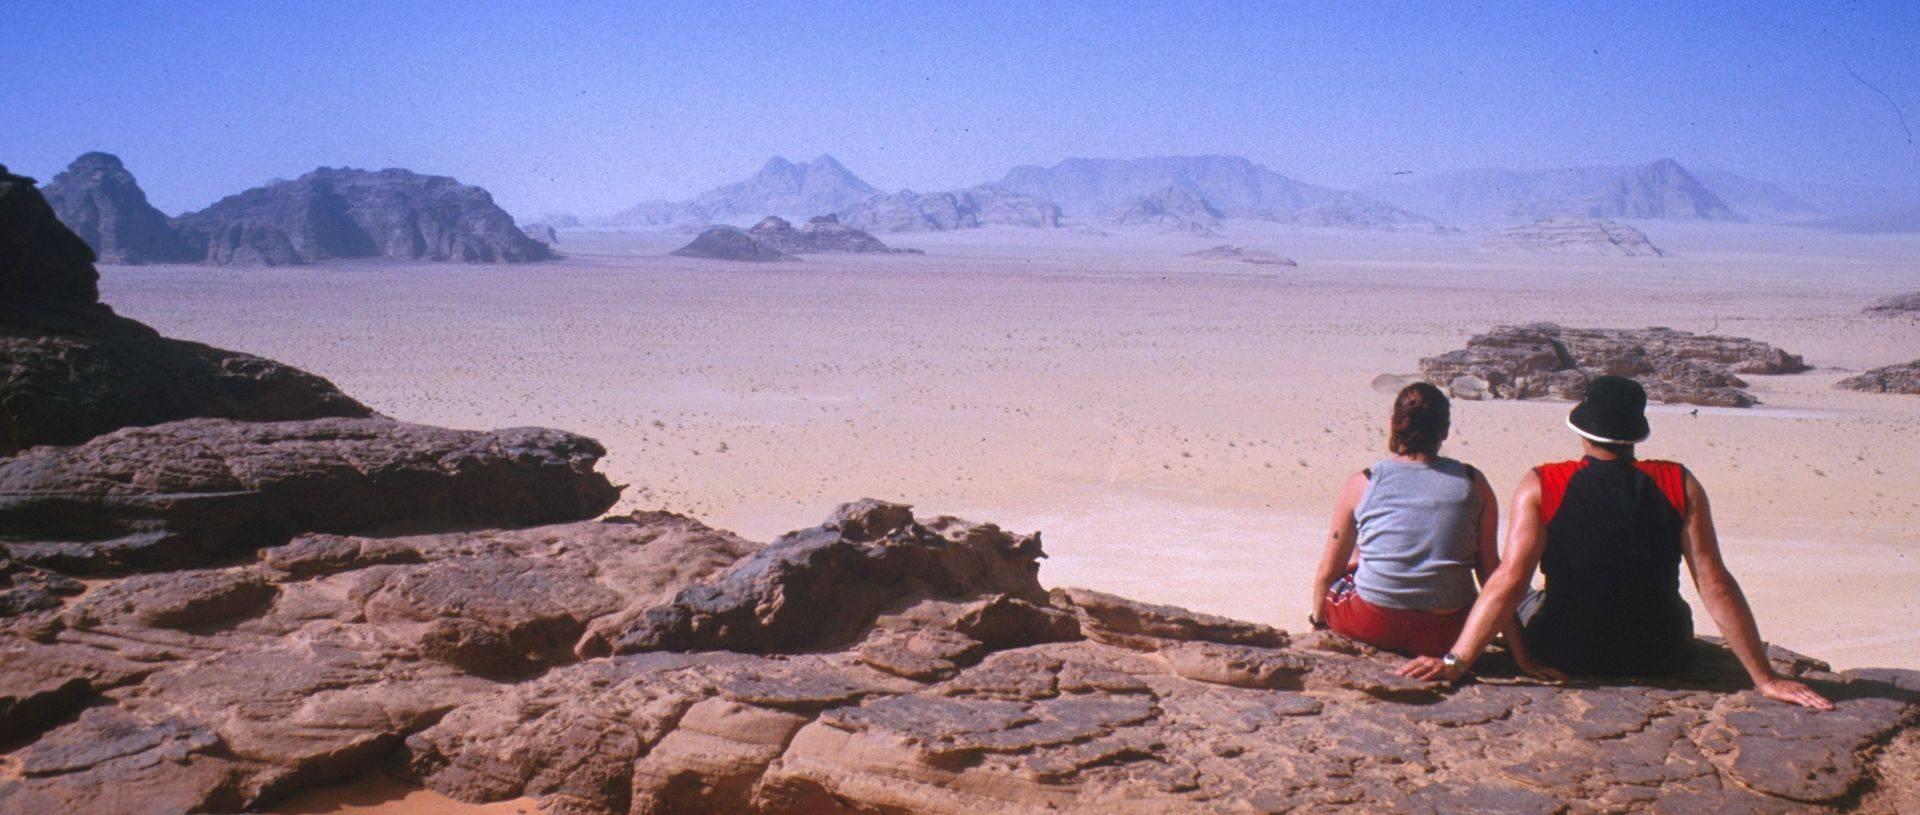 Desert view over Wadi Rum.jpg